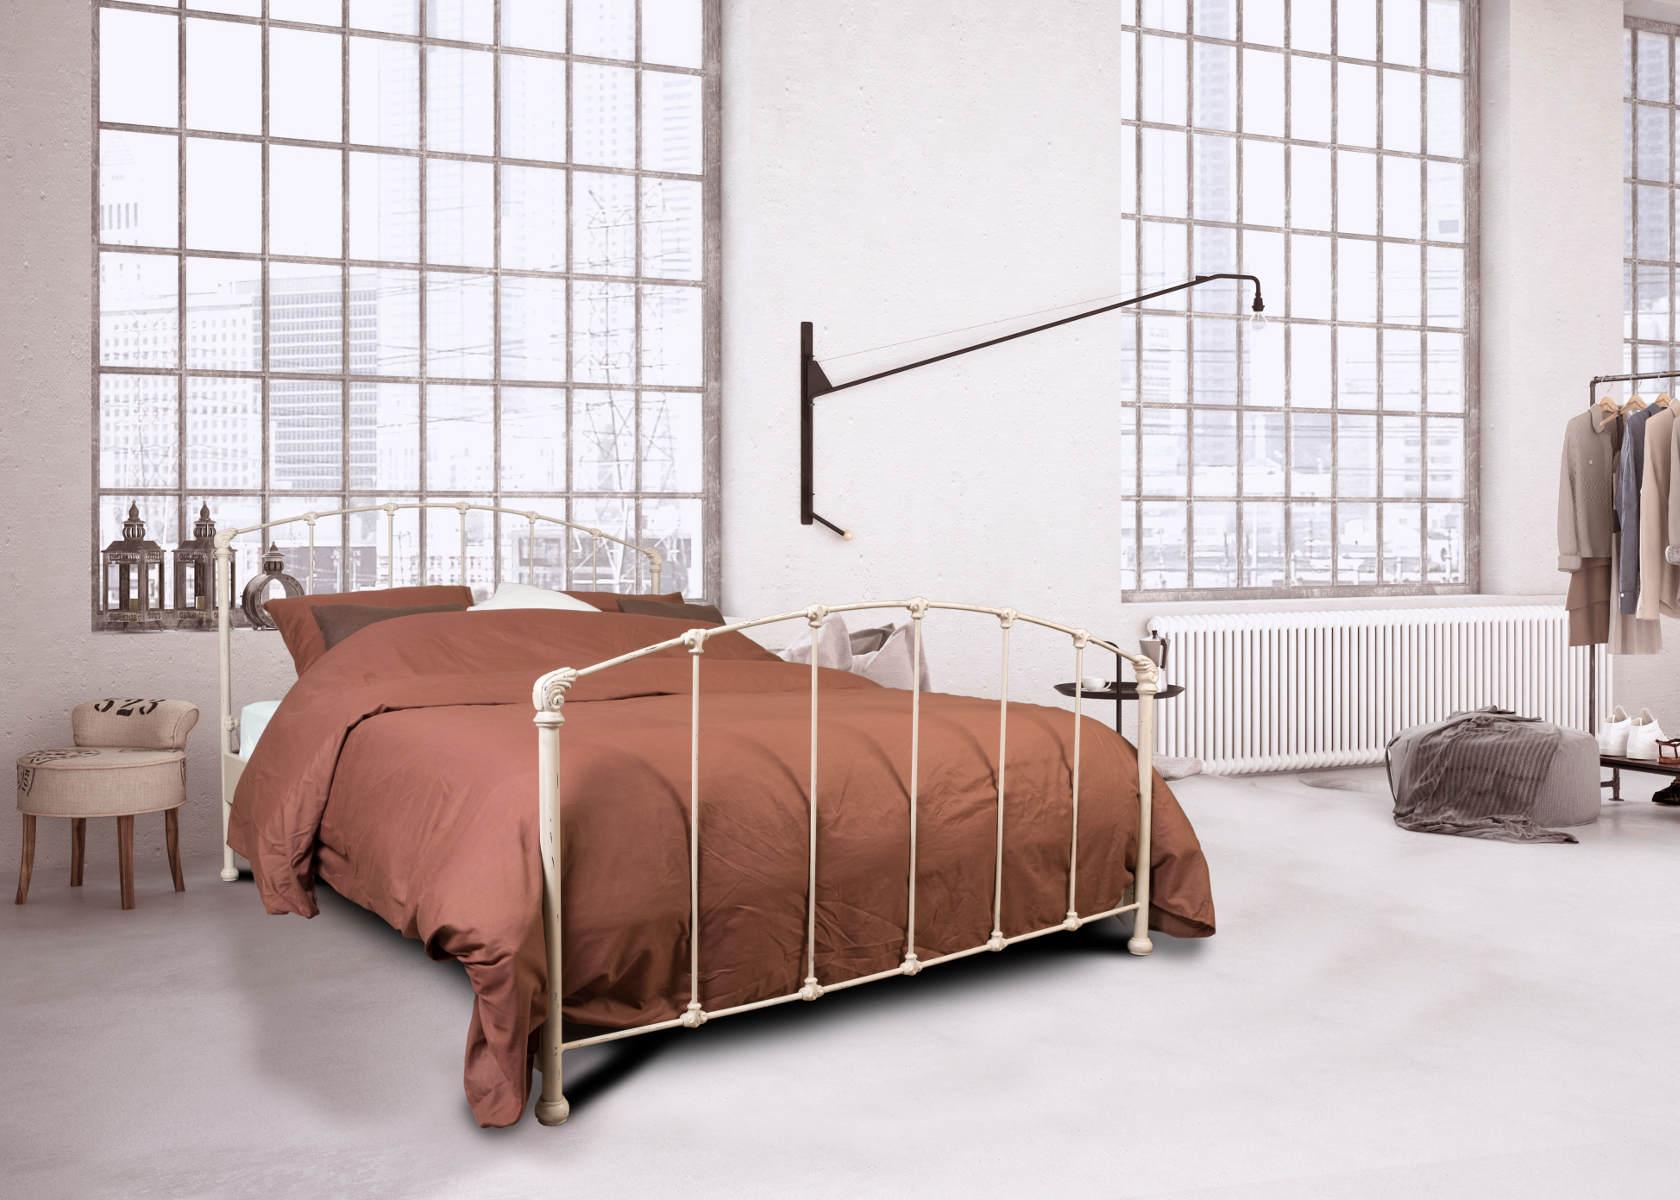 Full Size of Bauernbett 90x200 Betten Kiefer Bett Weiß Mit Lattenrost Bettkasten Schubladen Weißes Und Matratze Wohnzimmer Bauernbett 90x200